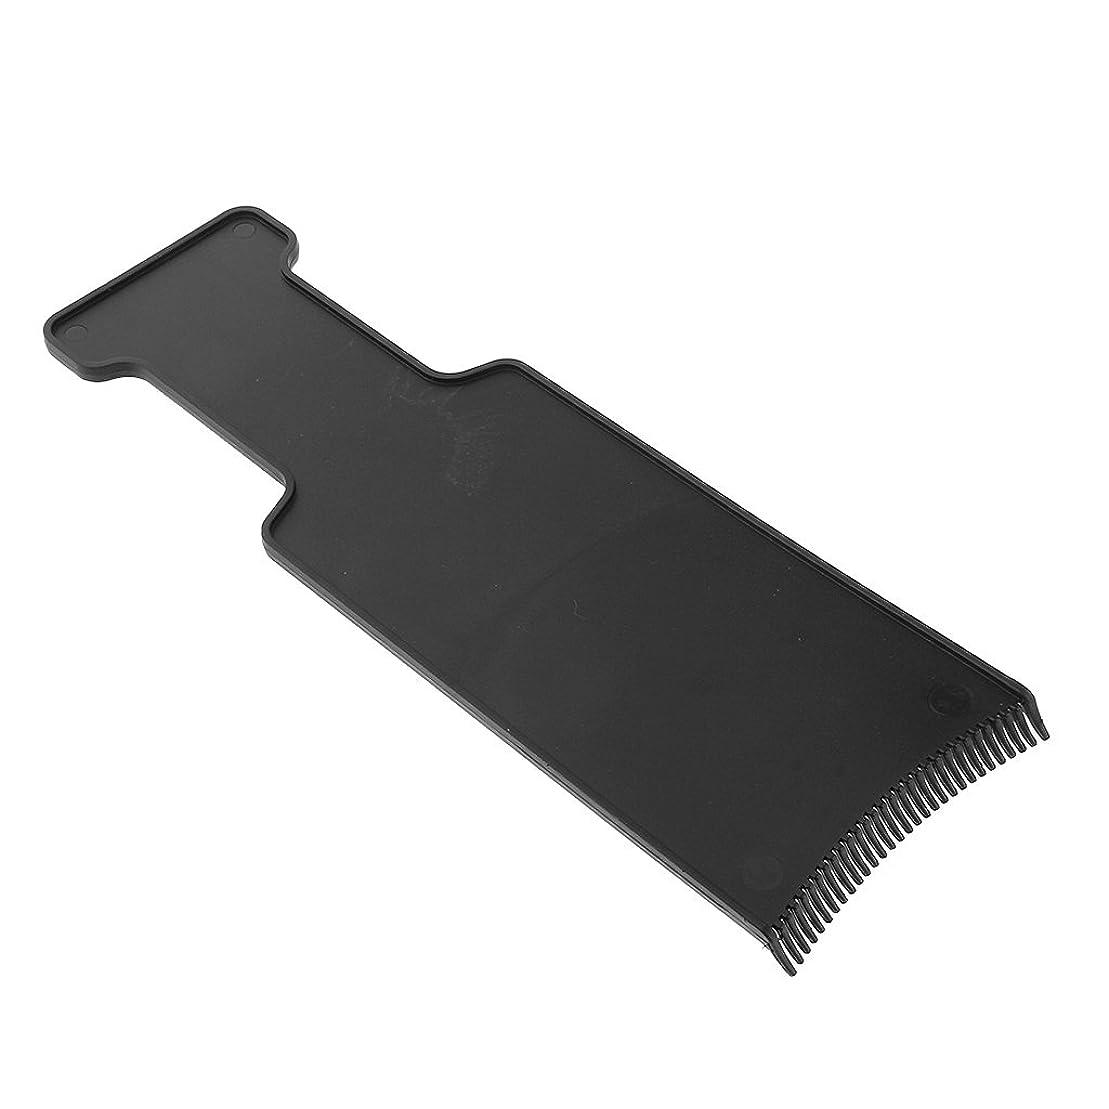 ハッチ発表自動的にヘアカラー ボード 染色 ツール ブラック 全4サイズ - M